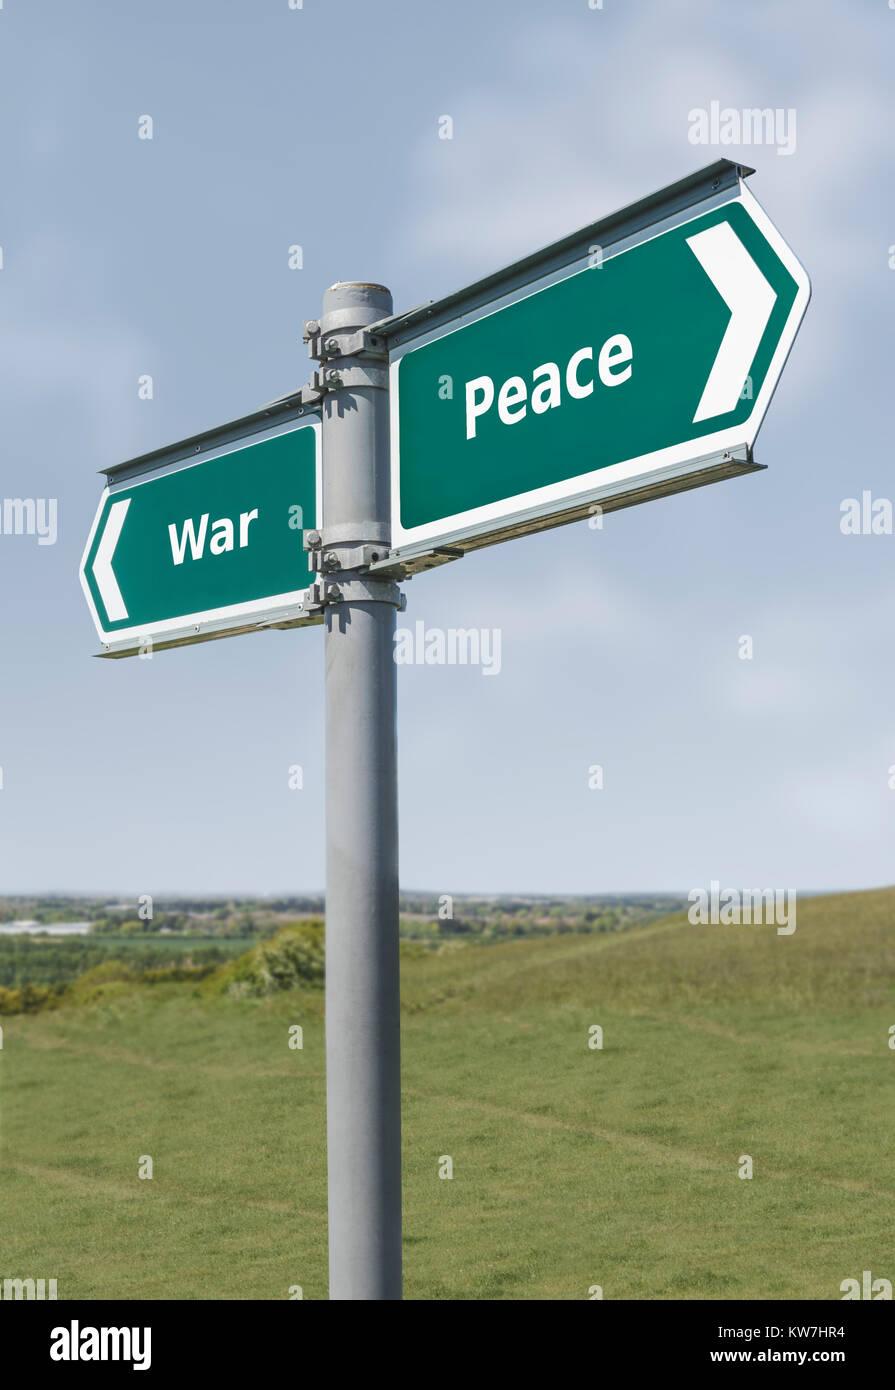 Guerra o paz dirección firmar. Concepto de paz guerra signpost. Imagen De Stock